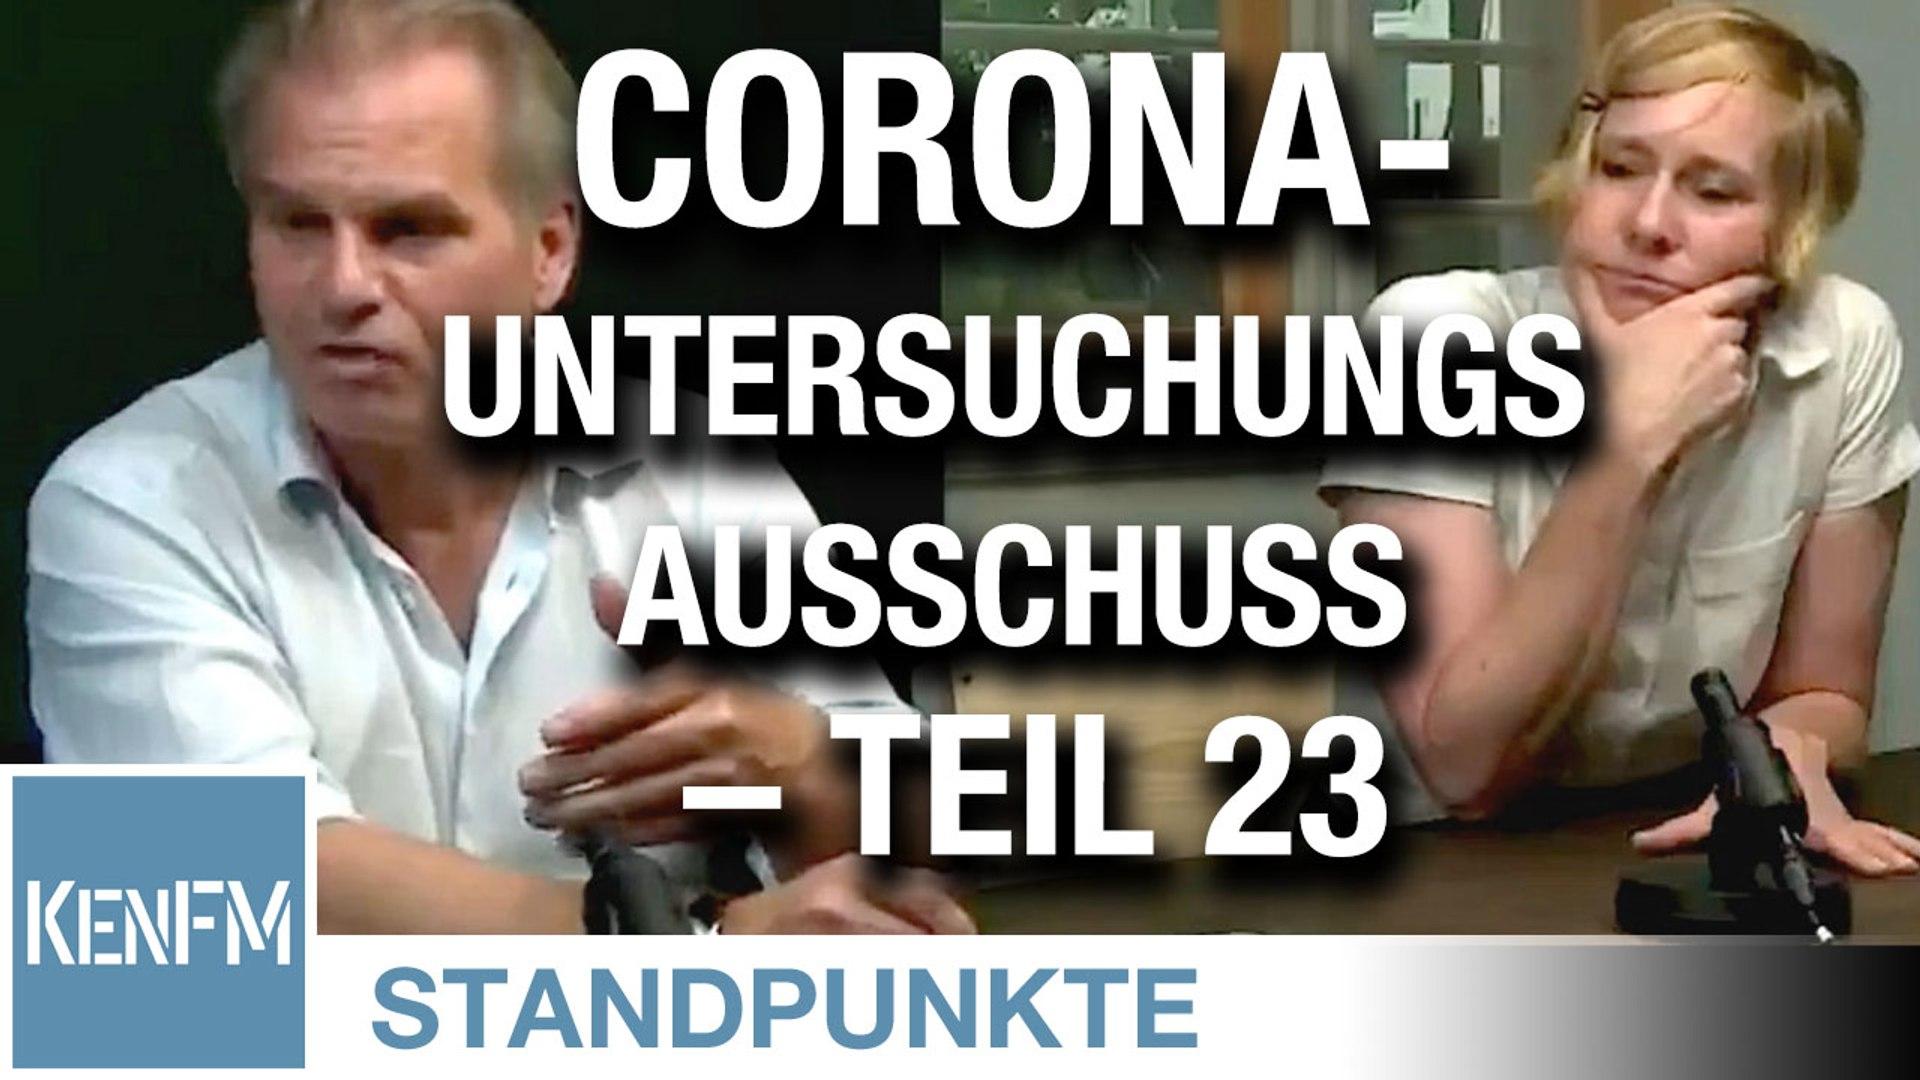 Corona-Untersuchungsausschuss – Teil 23